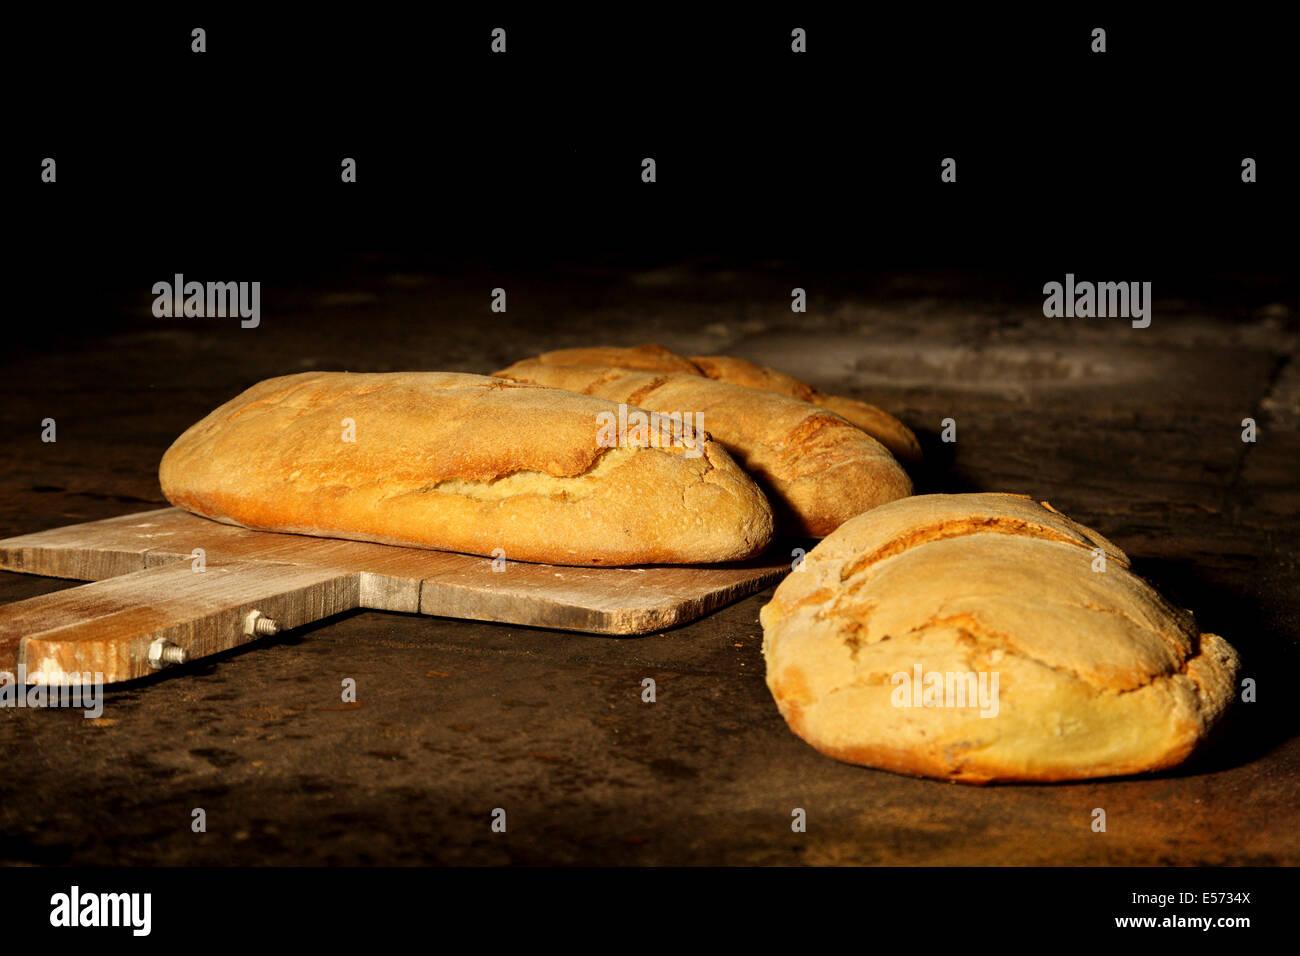 """The """"famous"""" bread of Tracheia village, Argolis (""""Argolida""""), Peloponnese, Greece. Stock Photo"""